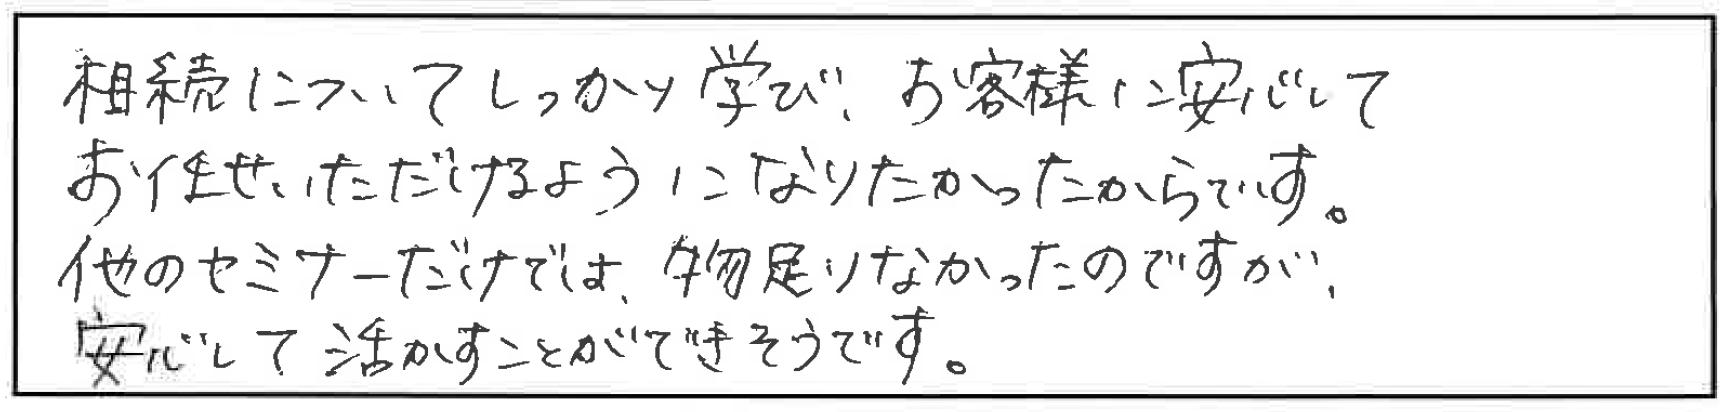 吉澤塾 半年コースの参加者の声画像236